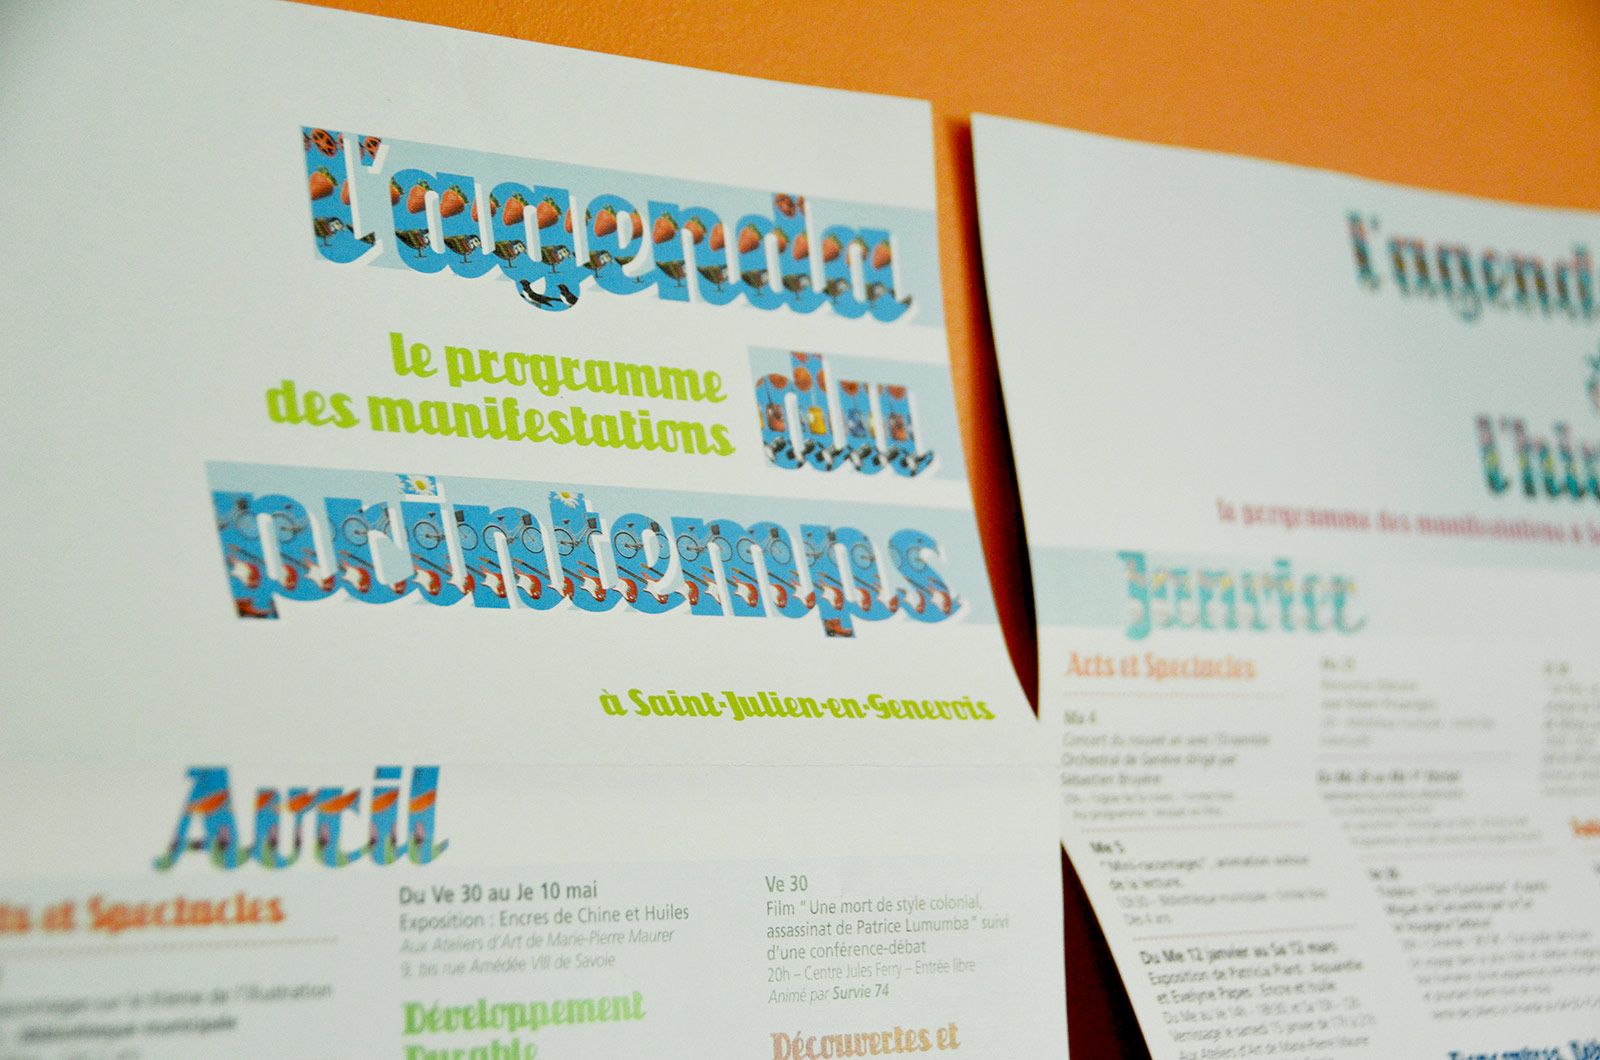 Vue du programme du printemps de la mairie de St-Julien-en-Genevois